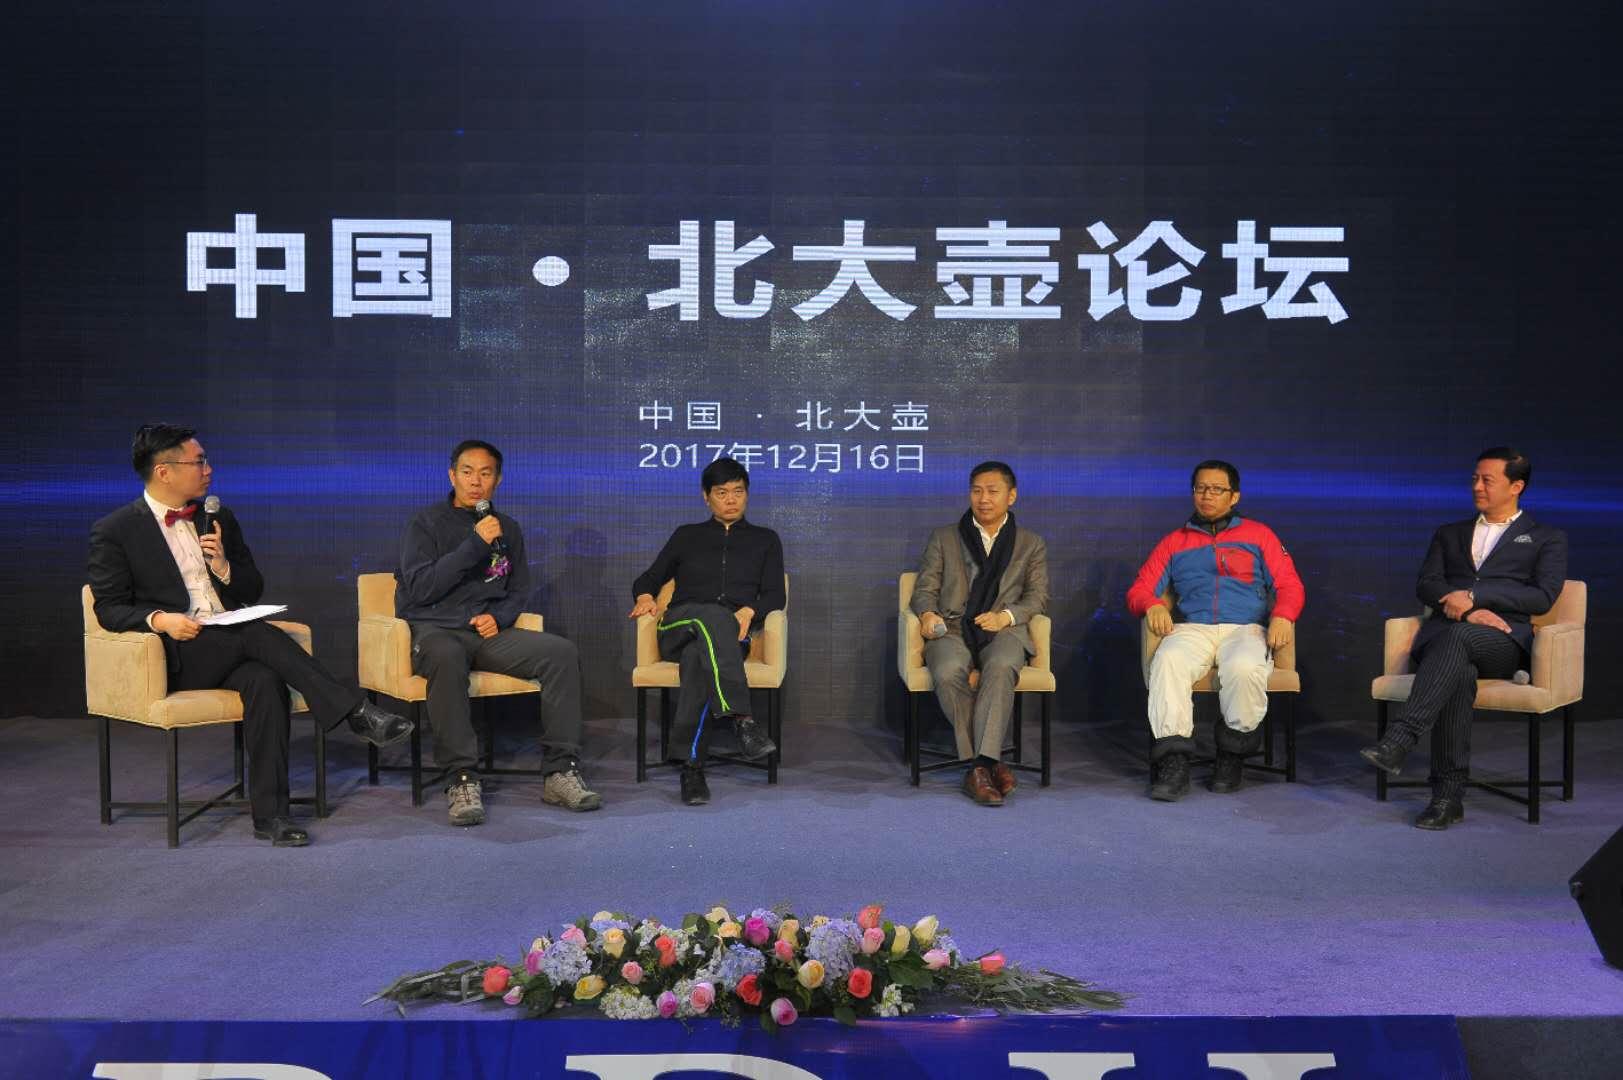 激情、文化、融合 首届中国-北大壶论坛正式开幕